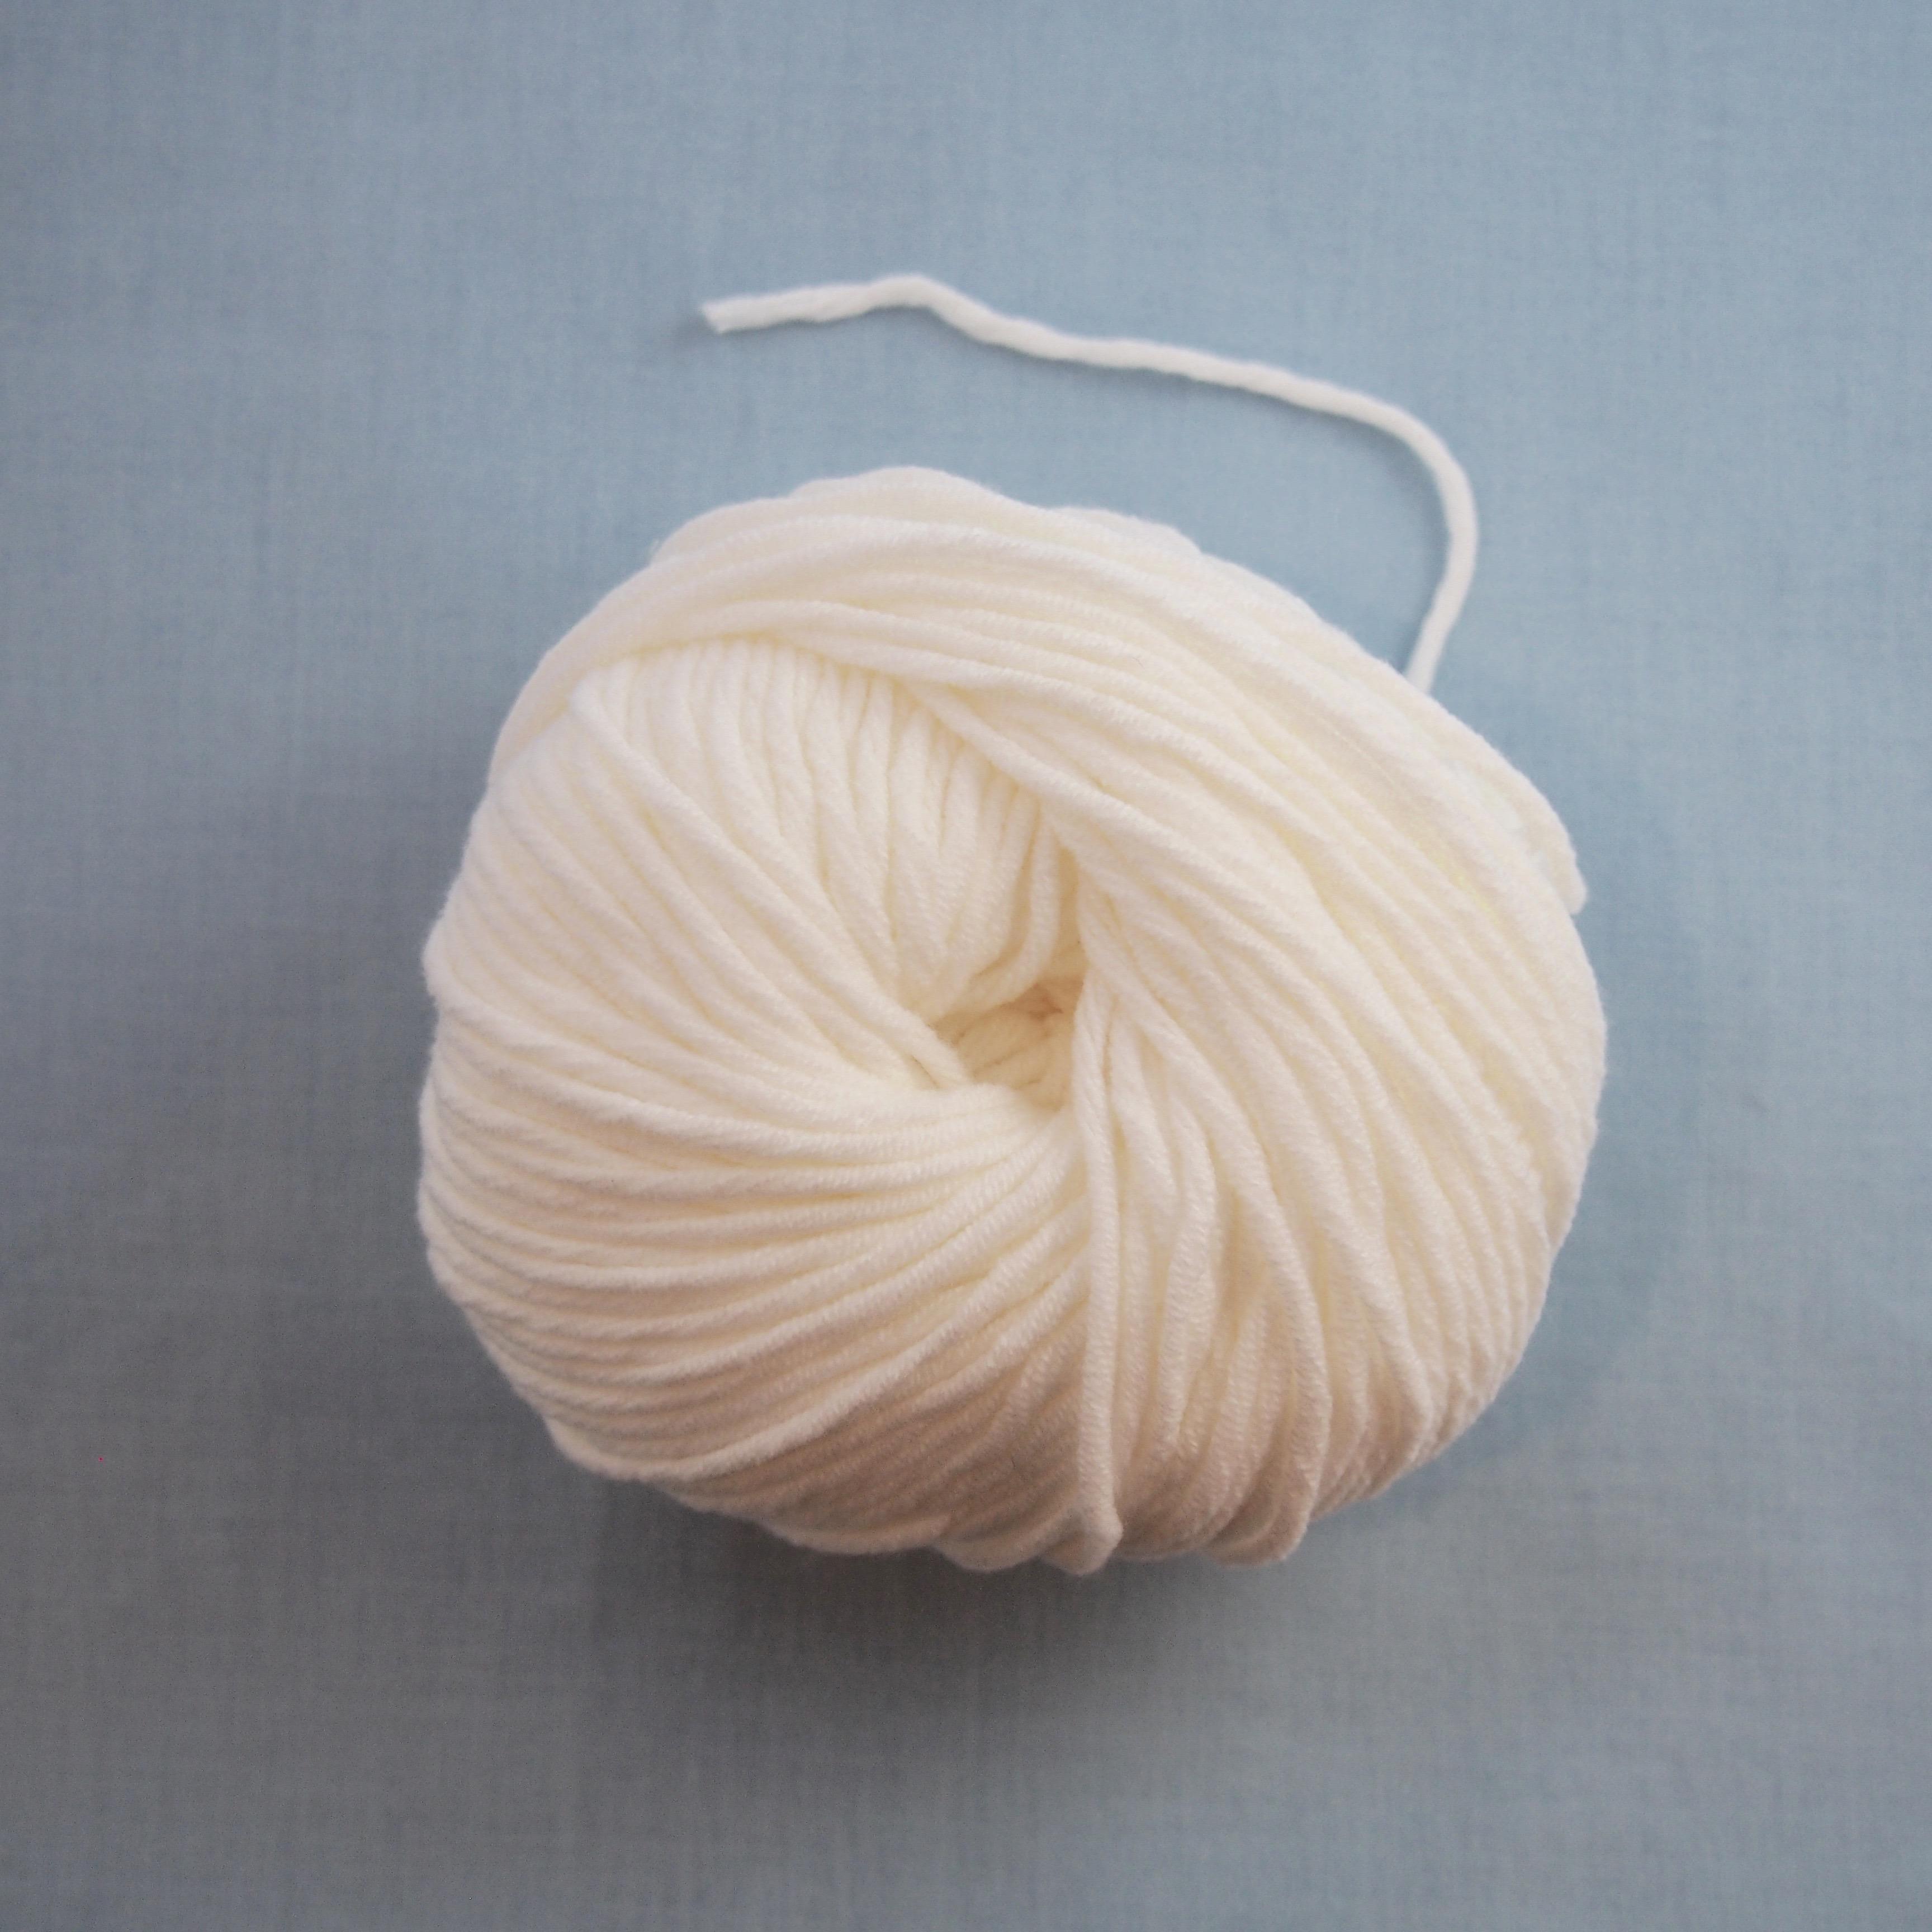 ブティの詰め糸(綿60%ポリアミド40%)